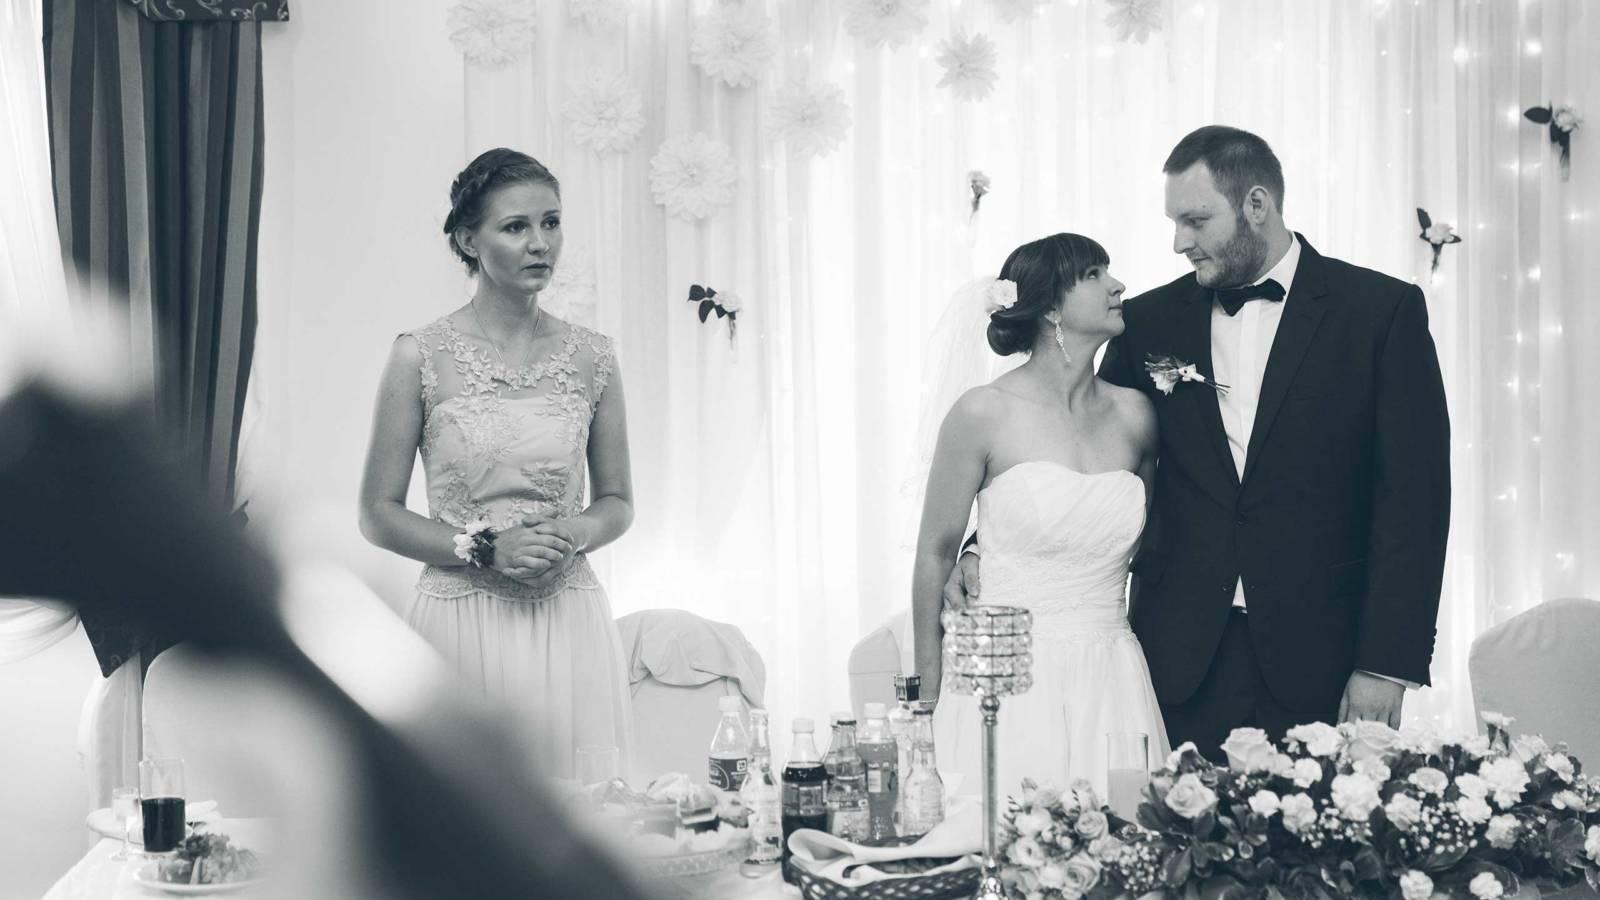 Światłoczuły - fotografia ślubna Zamość